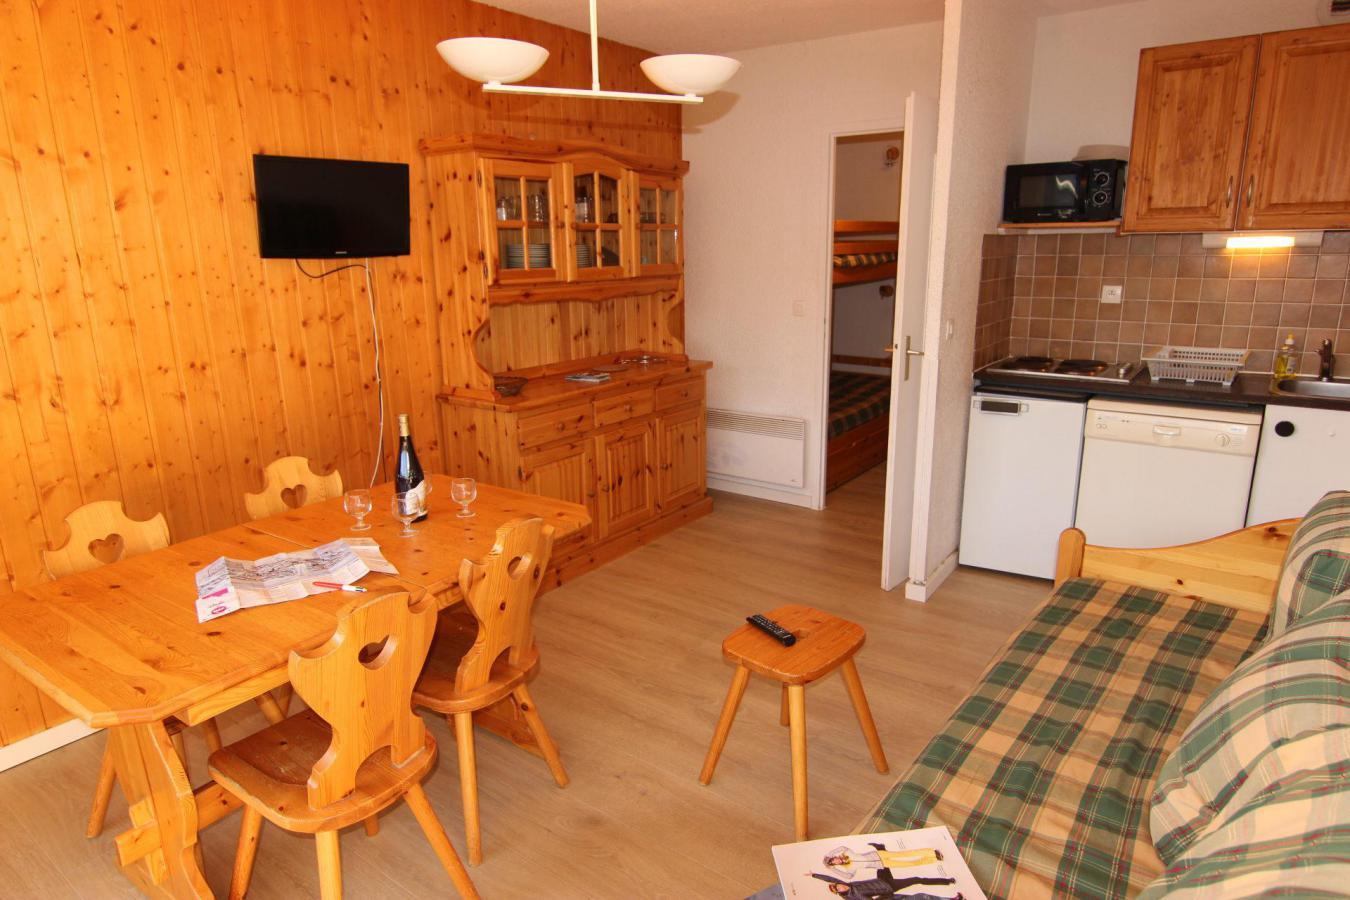 Location au ski Studio 4 personnes (110) - Residence Le Lac Du Lou - Val Thorens - Extérieur hiver